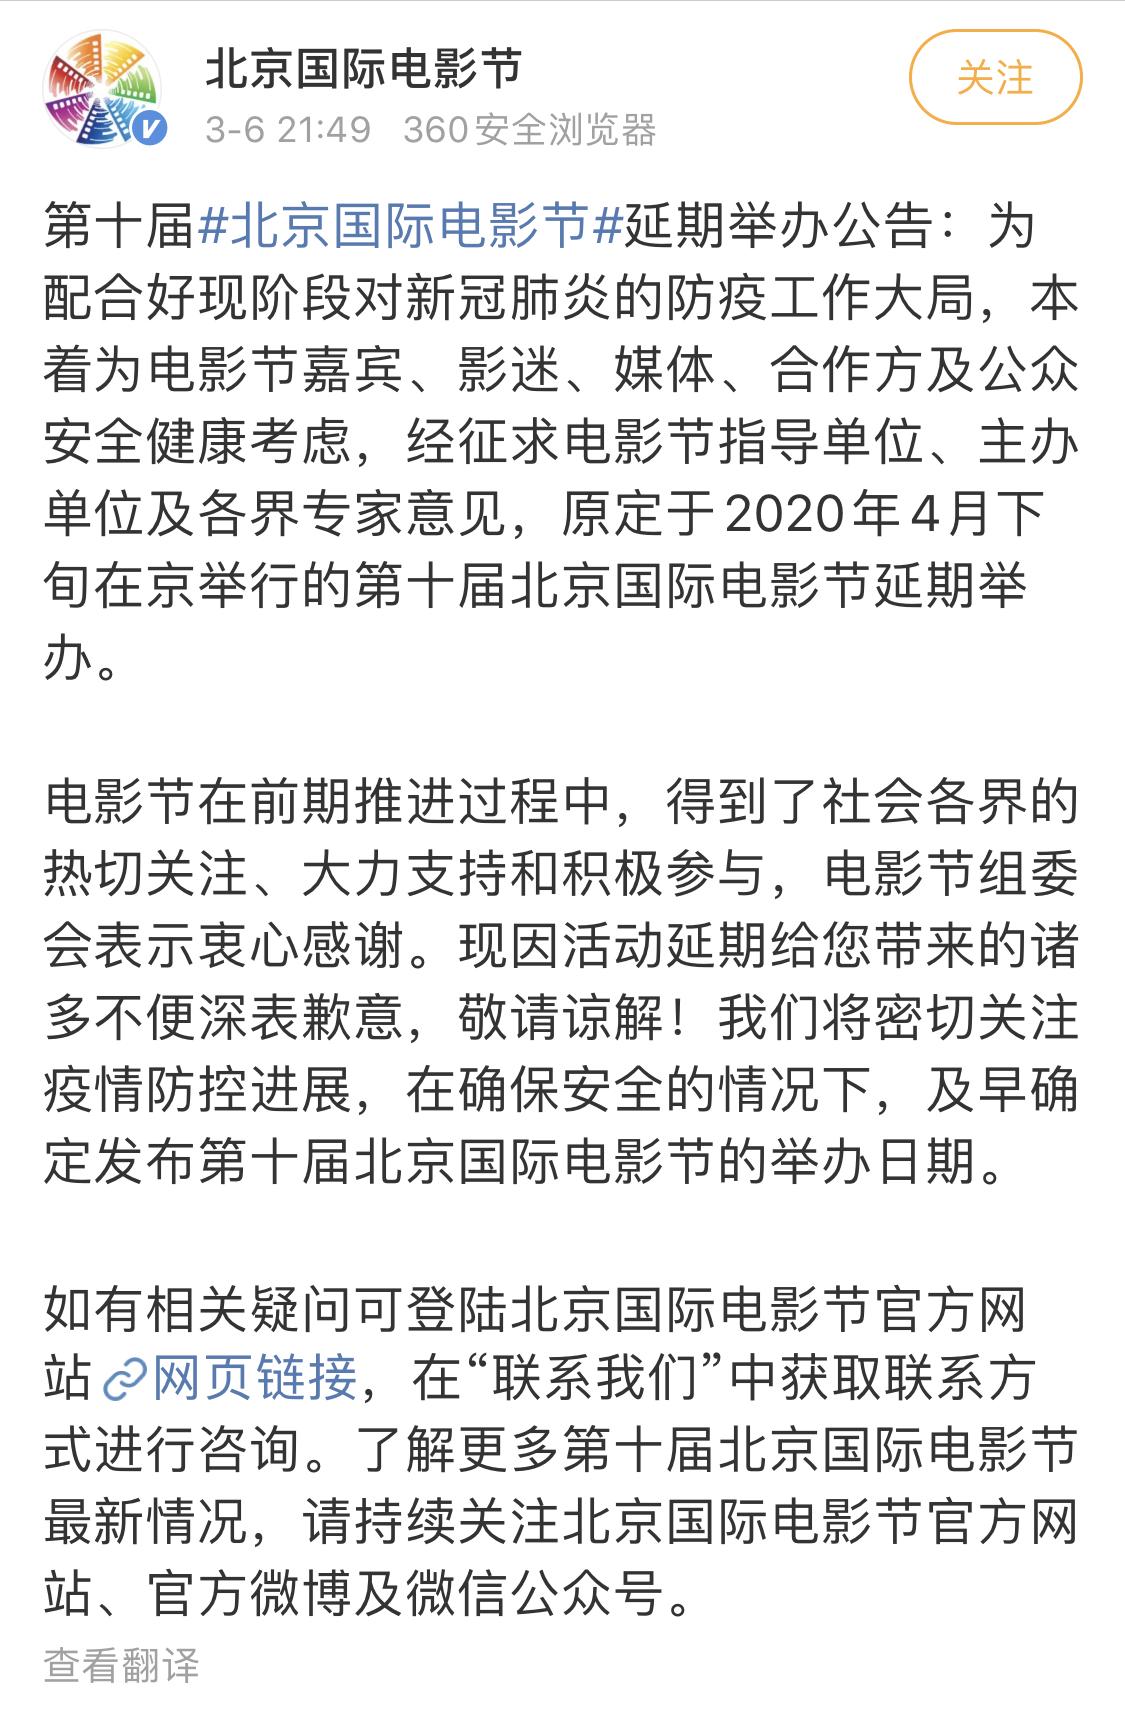 第十届北京国际电影节延期举办